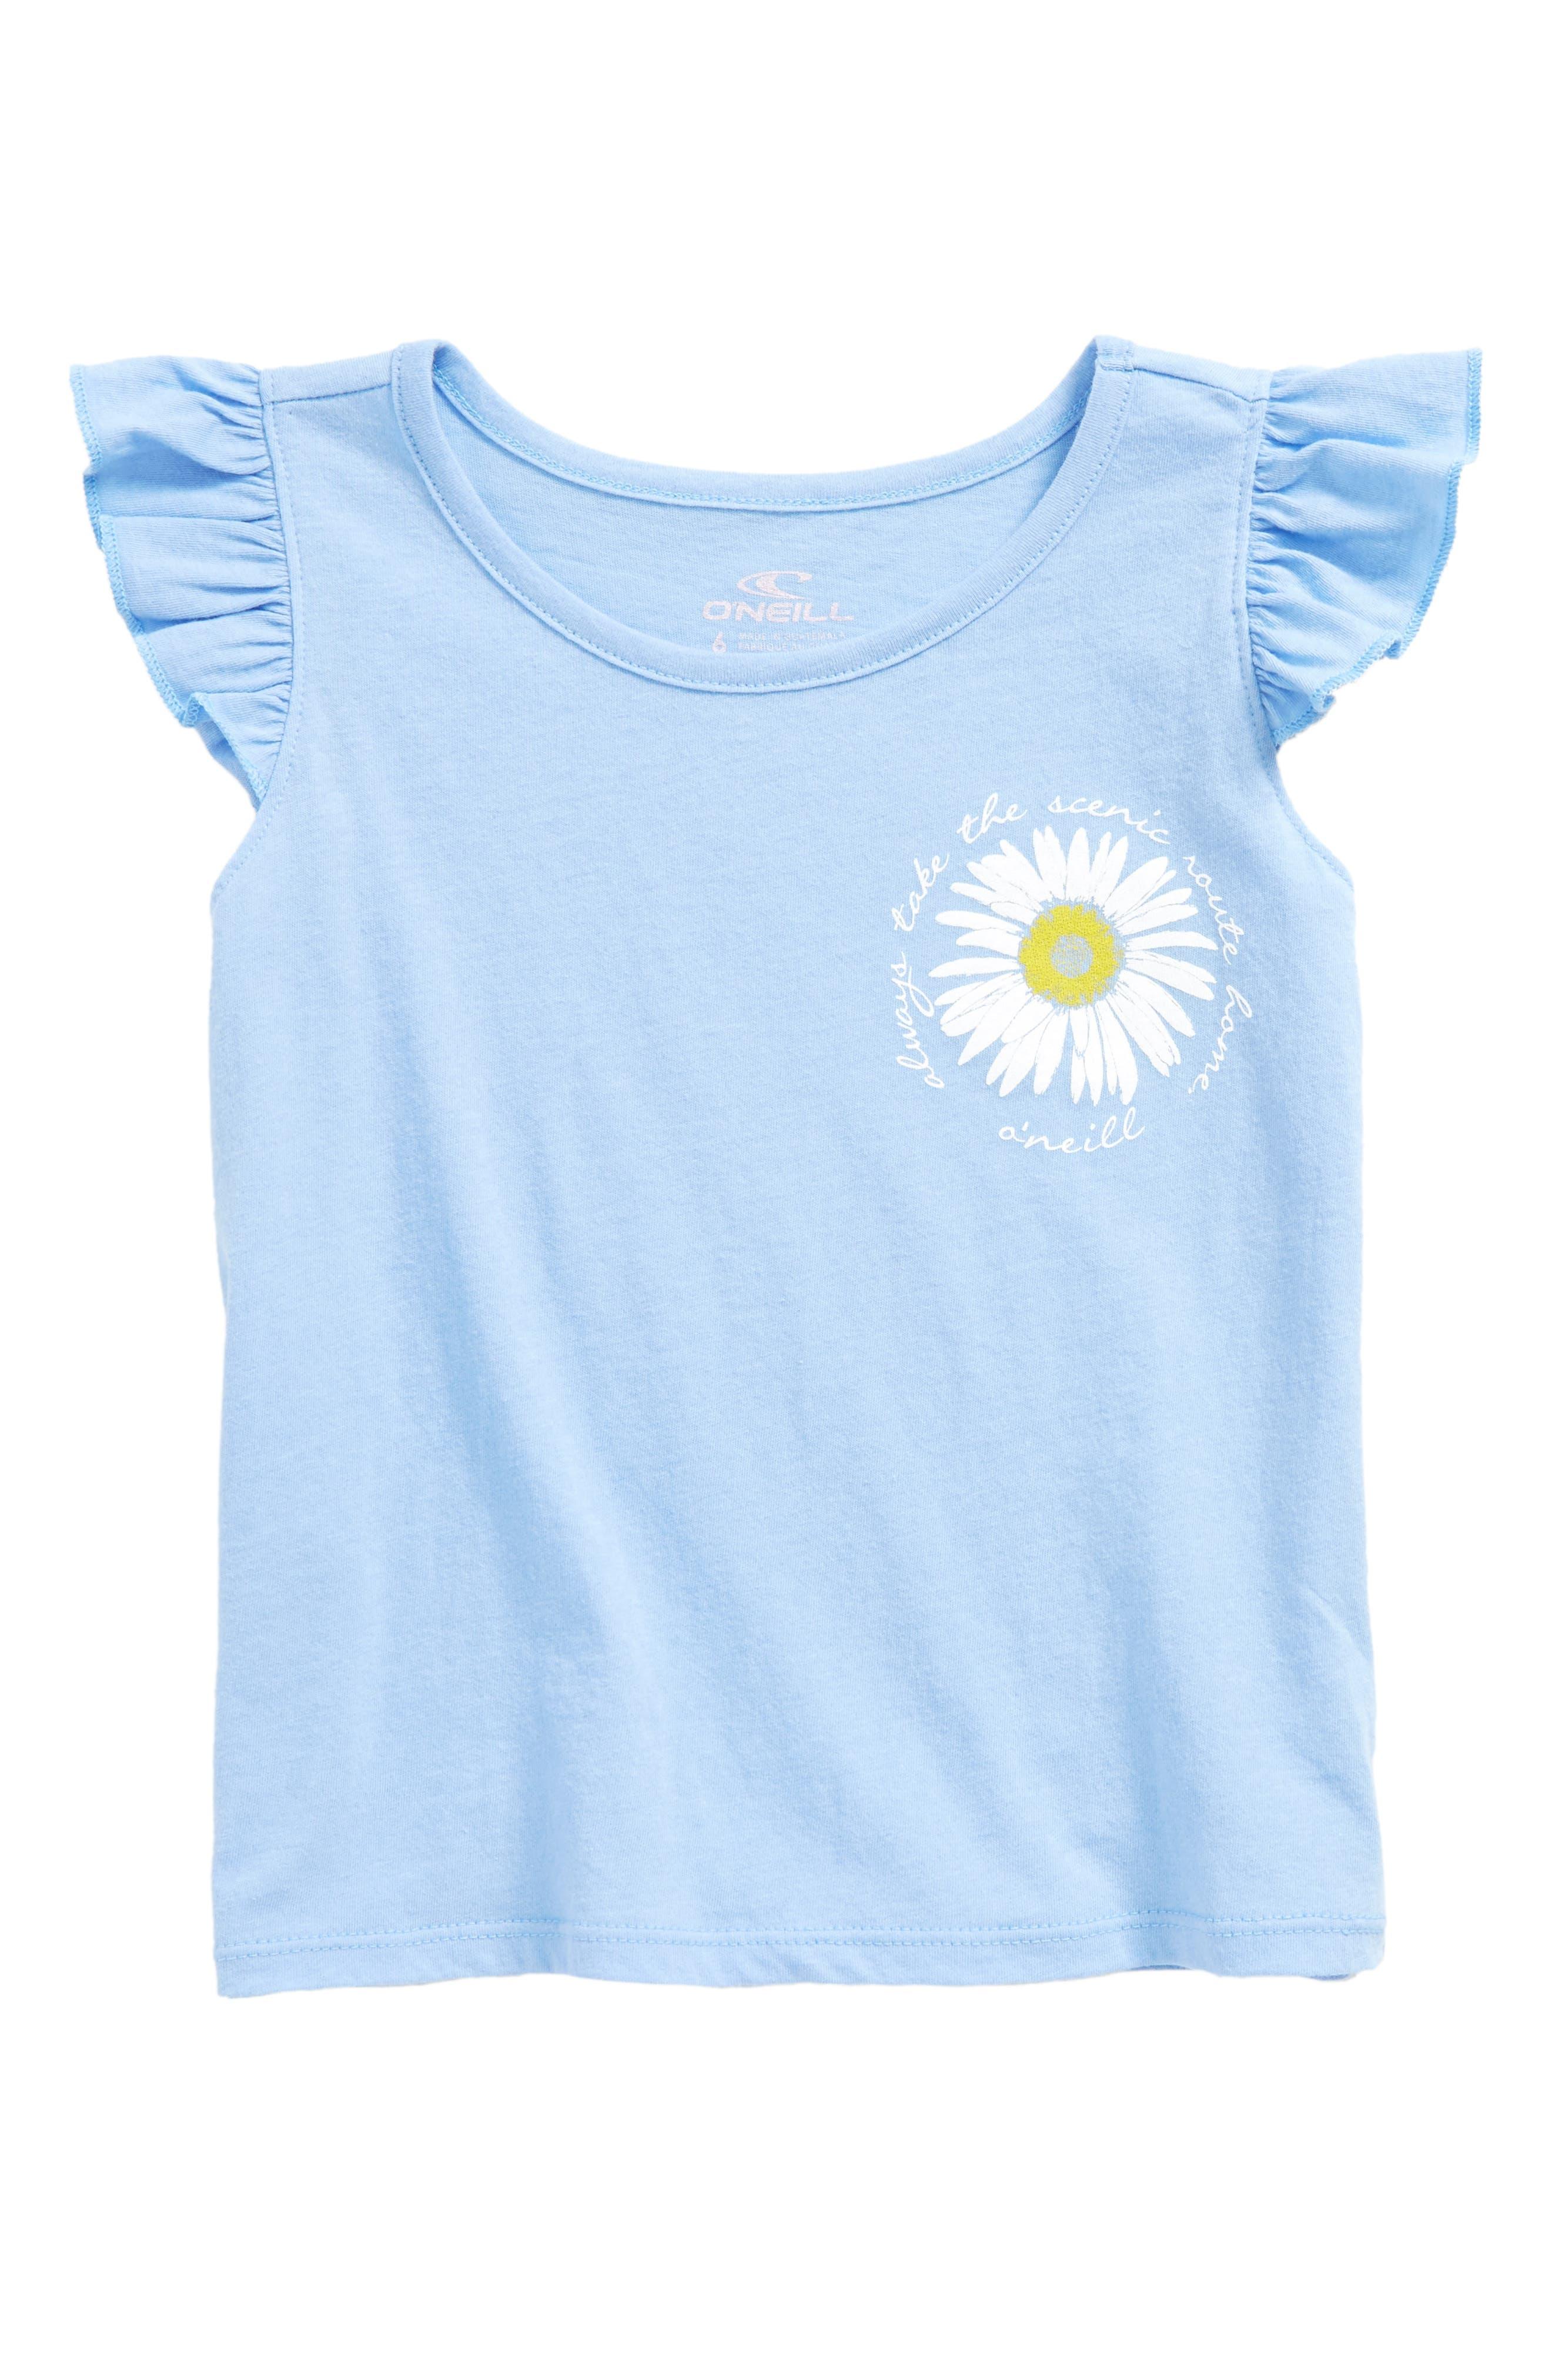 O'Neill Daisy Do Graphic Tee (Toddler Girls & Little Girls)